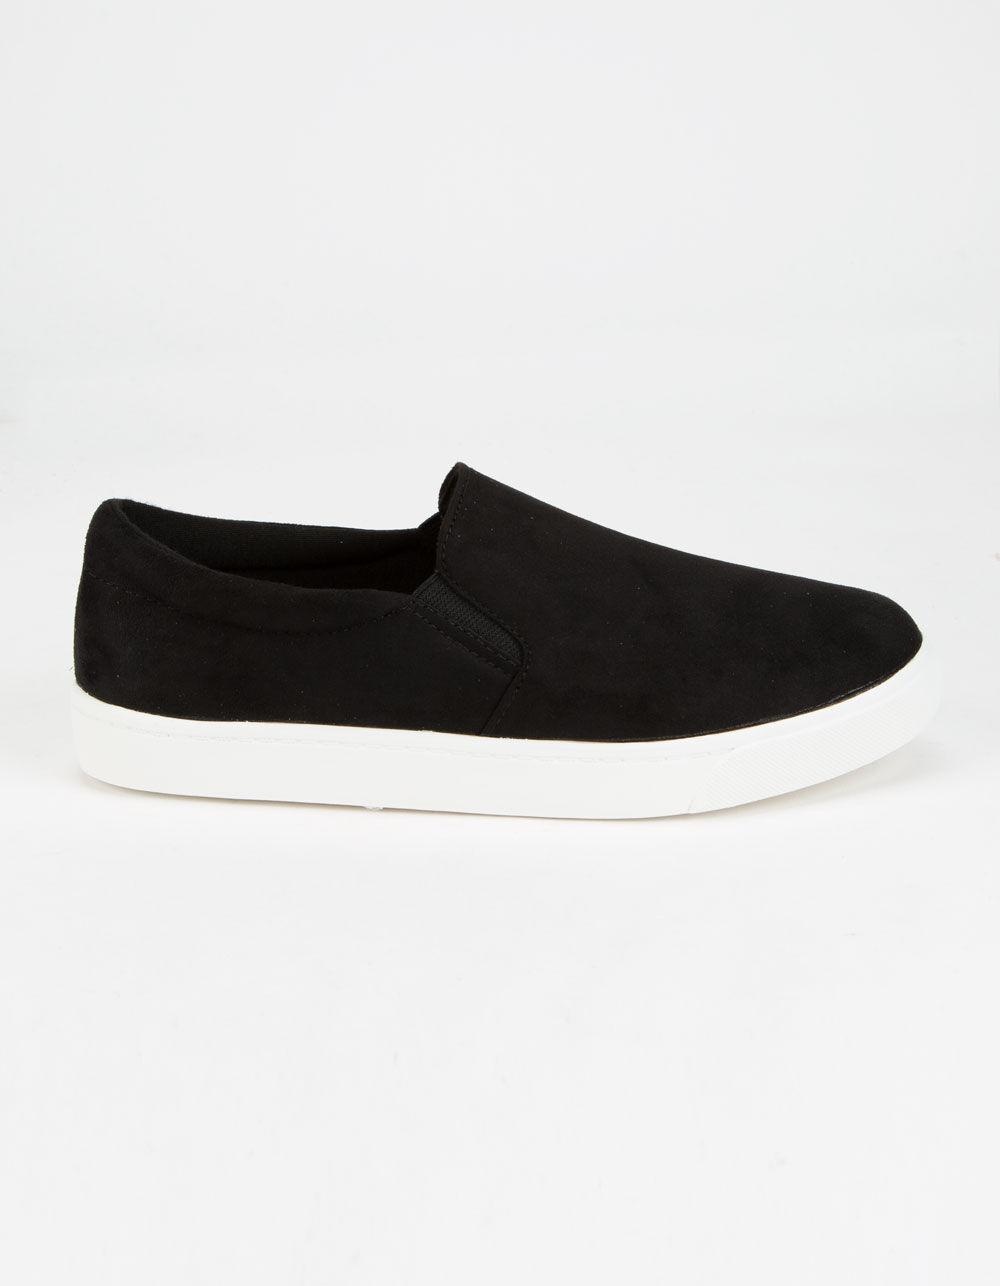 SODA Reign Black Slip-On Shoes